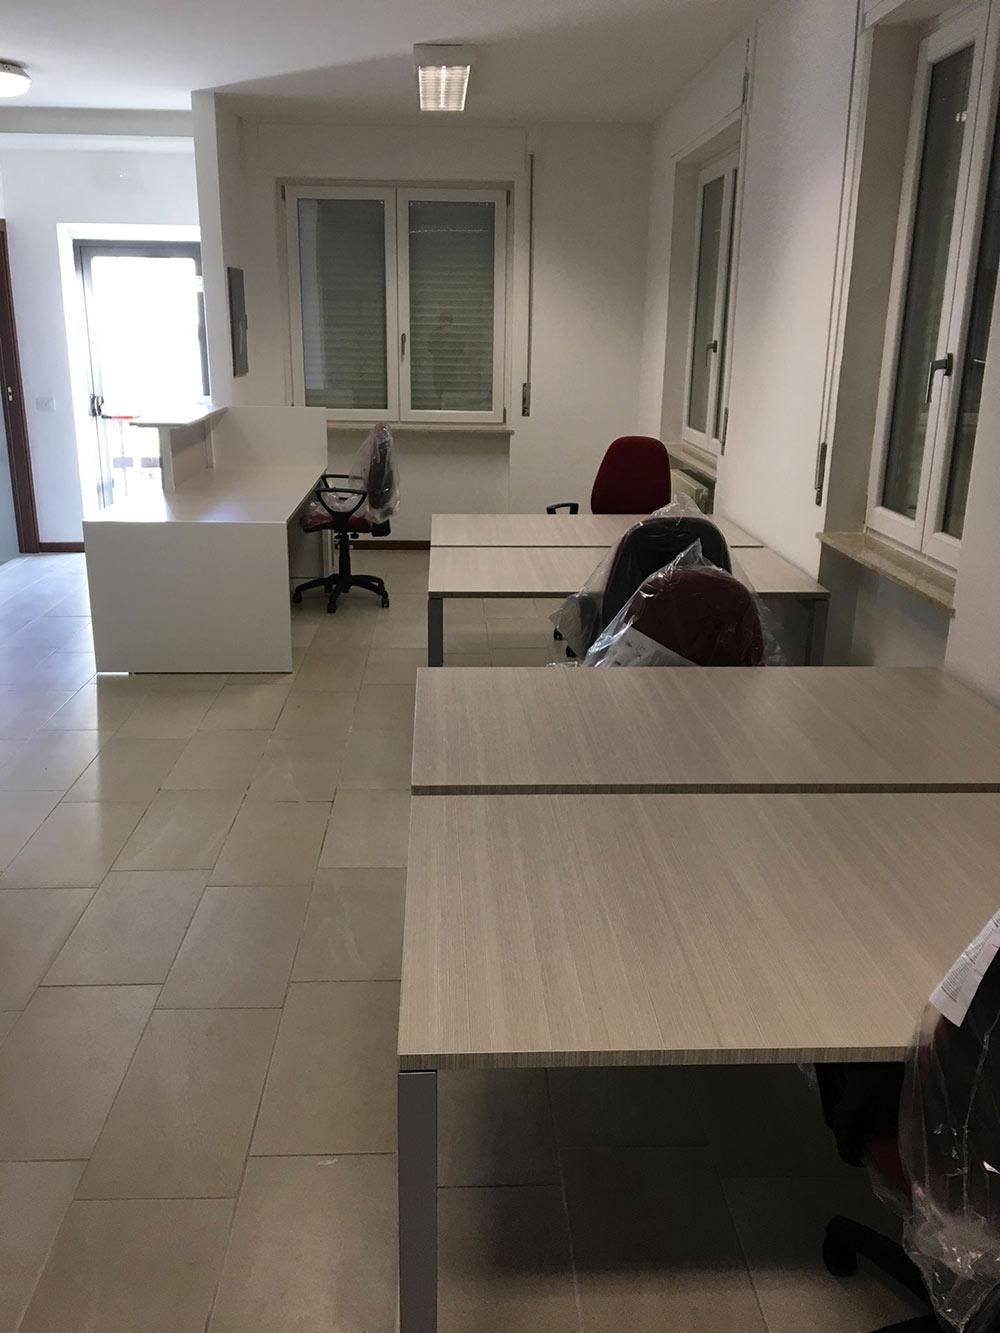 Realizzazione arredamento per comune di Valceresio - Comtec s.r.l. Via Dalmazia 51 20100 Varese